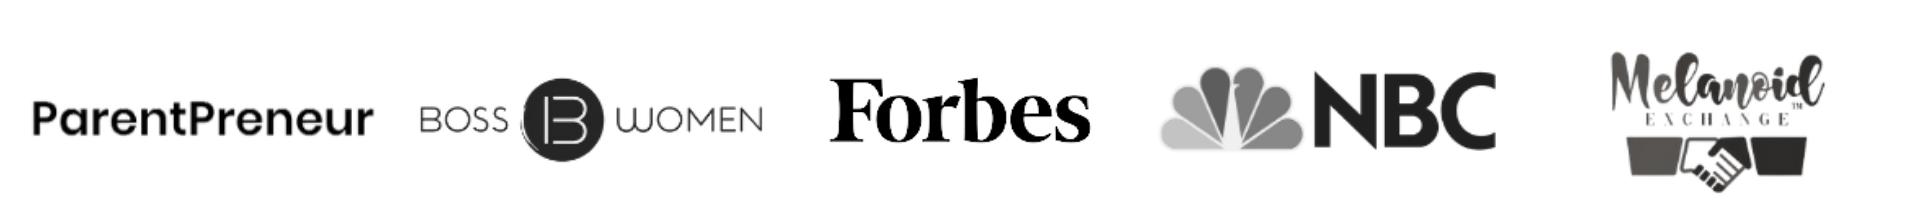 forbes nbc parentprenuer boss women